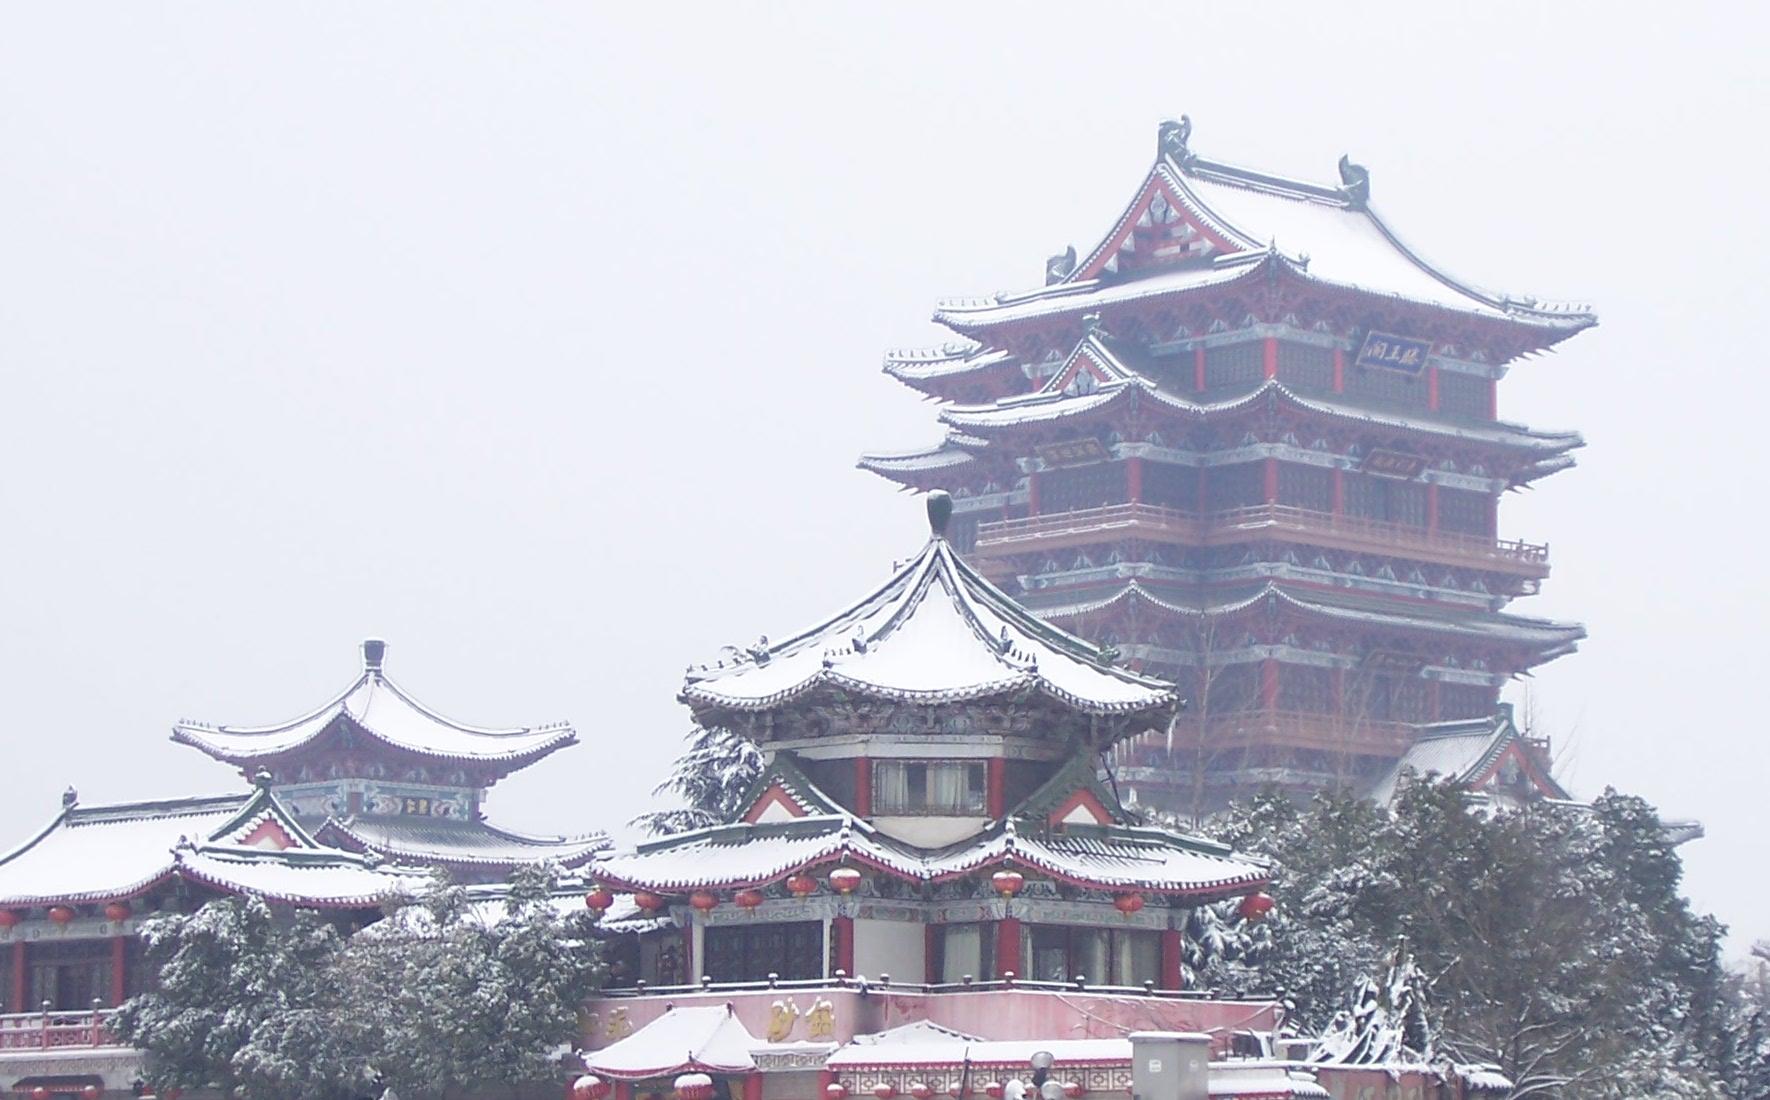 Pavilion_of_Prince_Teng-_Nanchang-_Jiangxi-_China-_in_the_snow_-_20080202.jpg